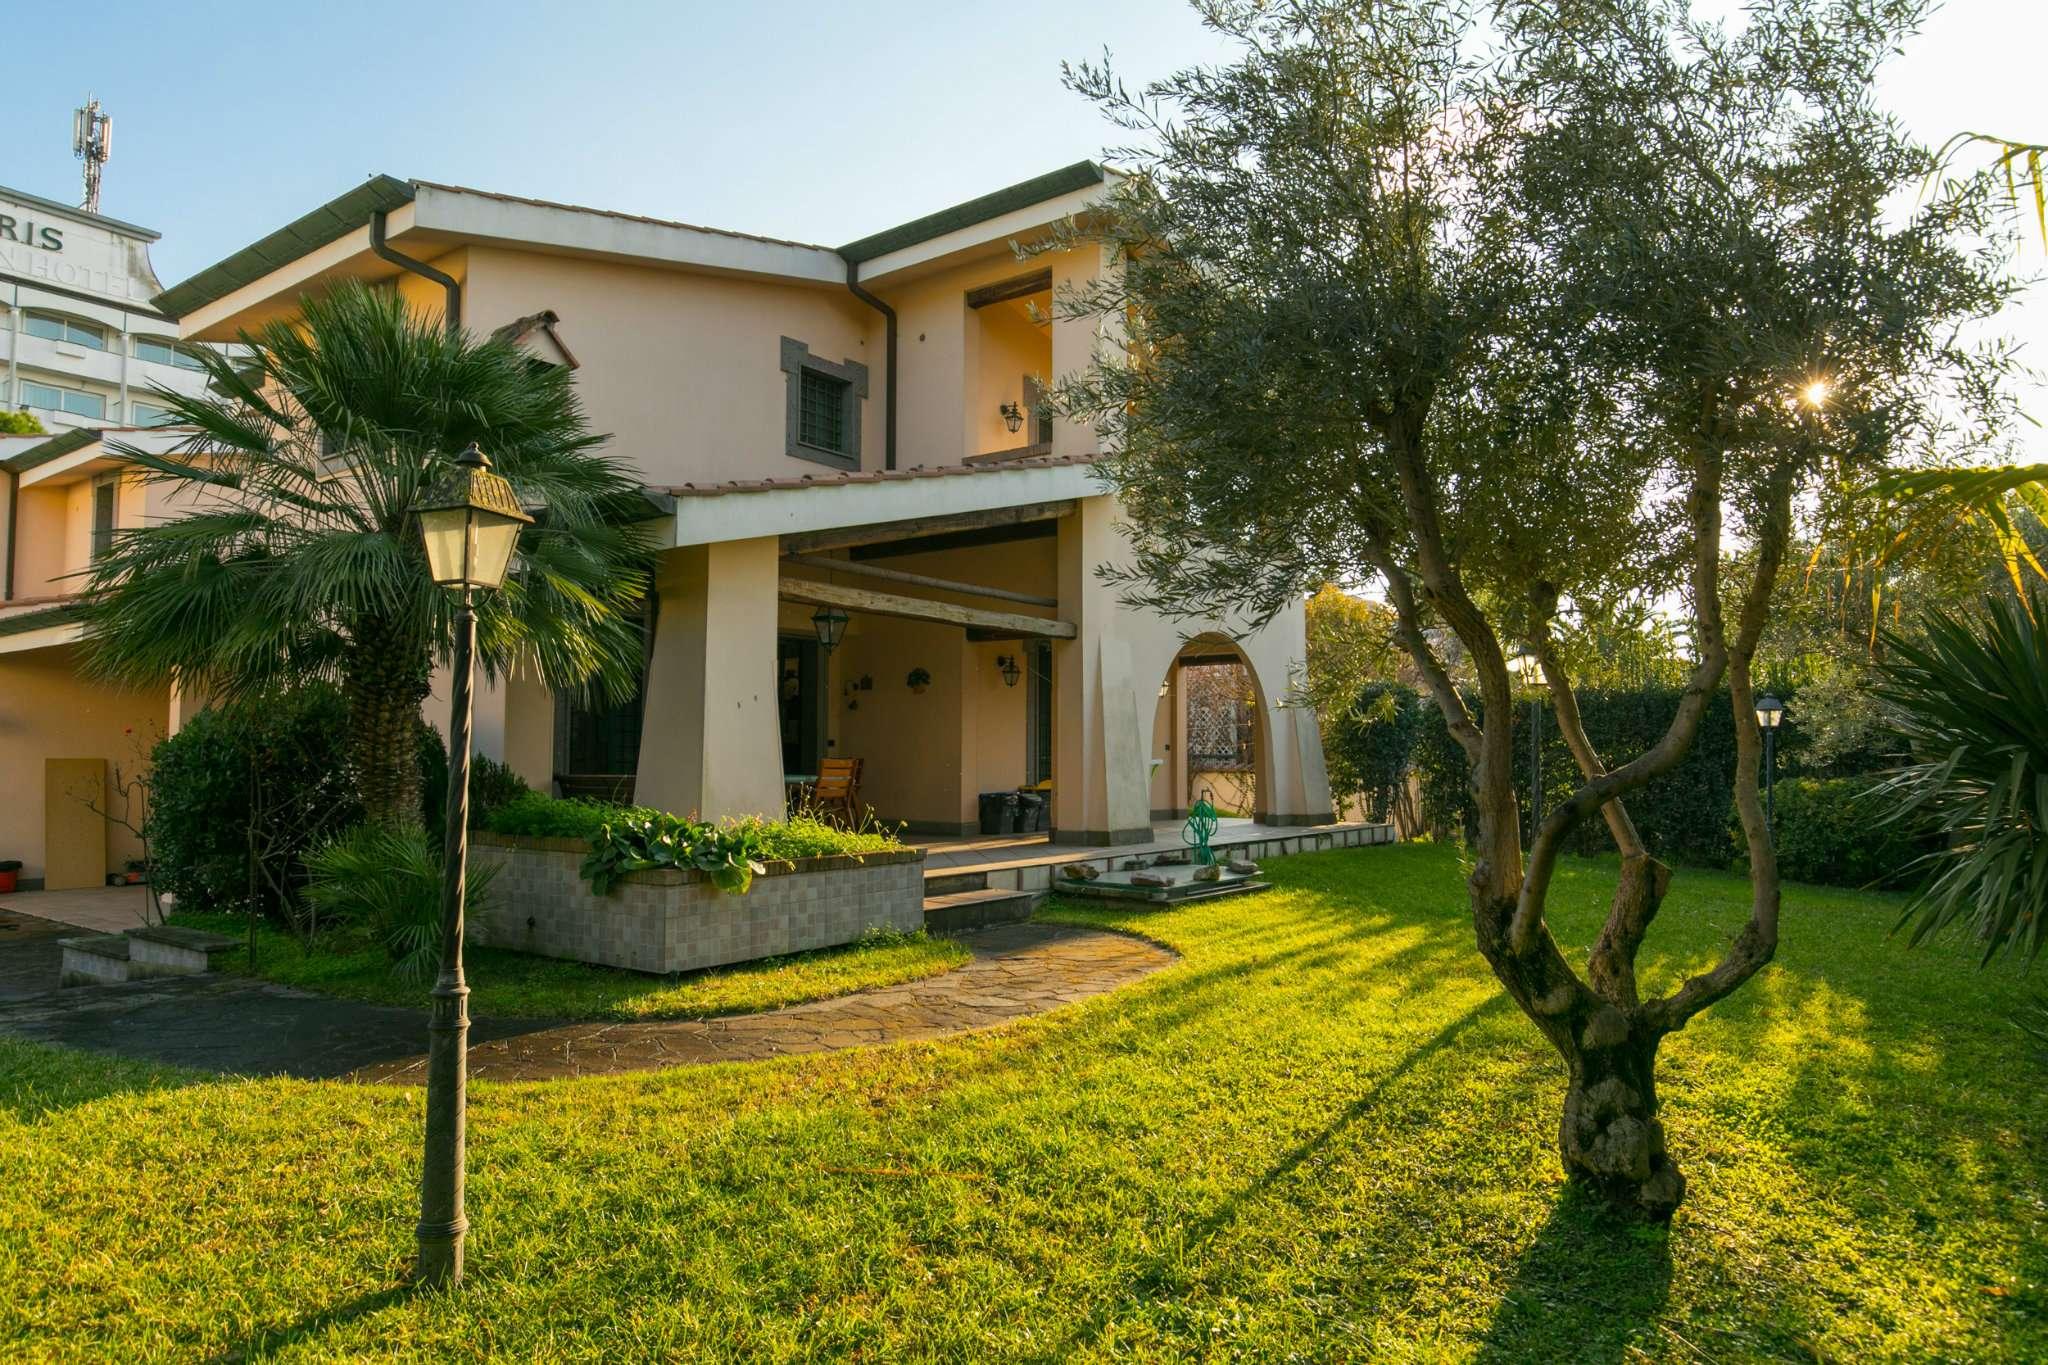 Villa Bifamiliare in vendita a Roma, 6 locali, zona Zona: 38 . Acilia, Vitinia, Infernetto, Axa, Casal Palocco, Madonnetta, prezzo € 595.000 | CambioCasa.it